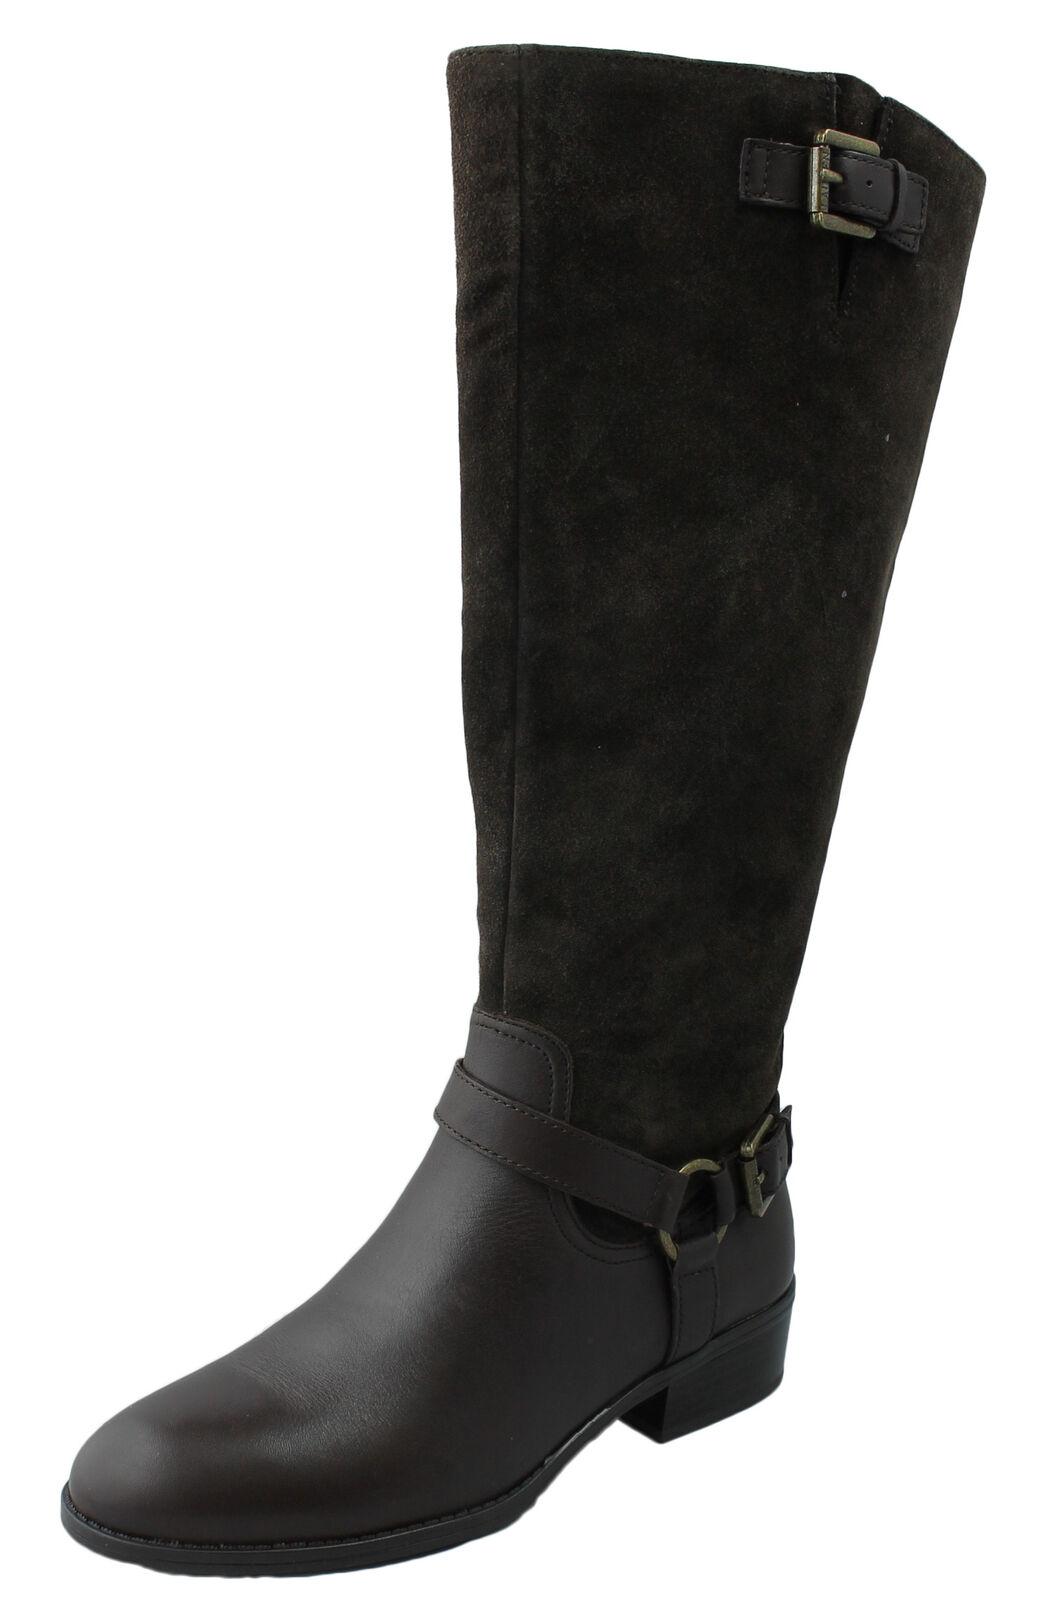 Lauren Ralph Lauren Zapatos para mujer Bota Marrón Oscuro McLeod Ret  Nuevo